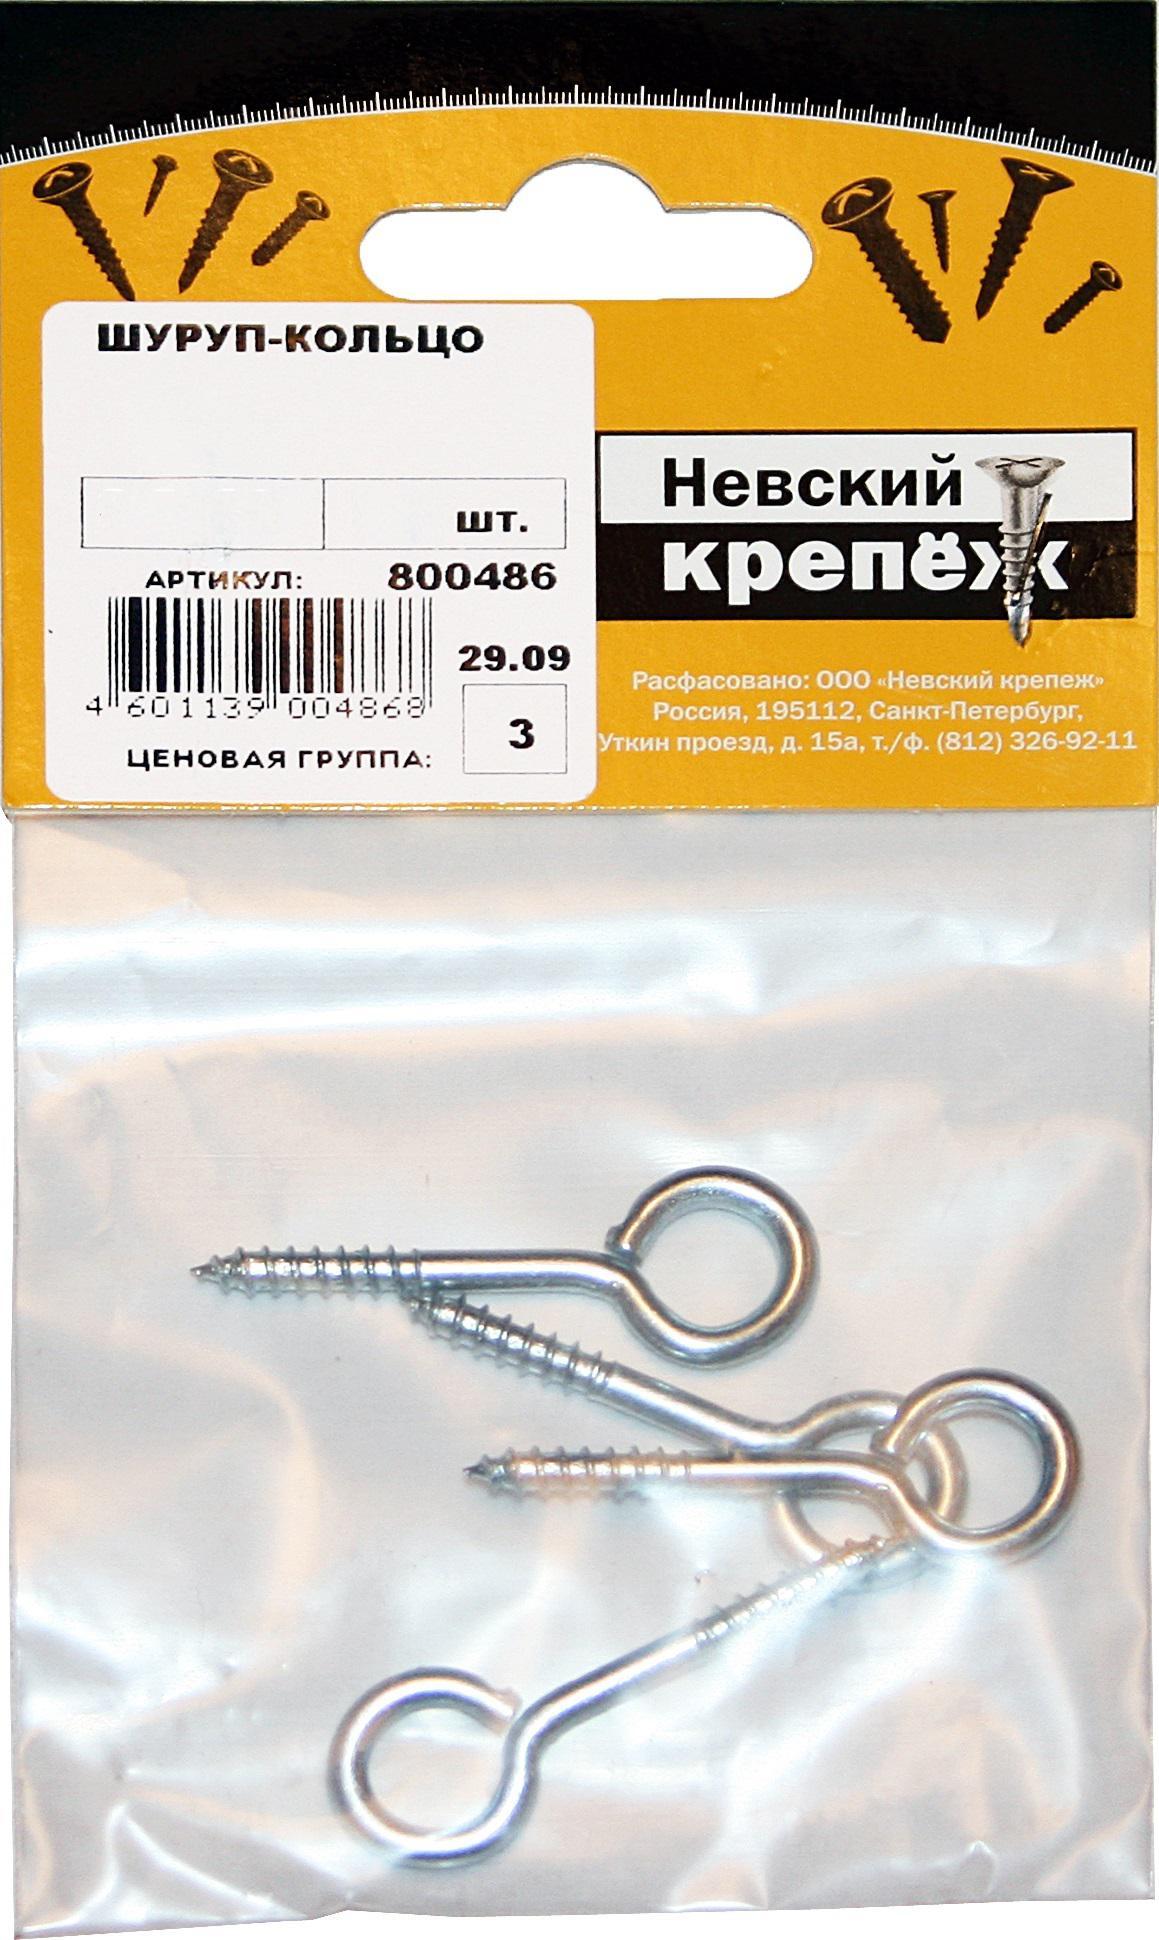 Шуруп-кольцо НЕВСКИЙ КРЕПЕЖ 800489 шуруп 3х16 ун ж пасс 30шт